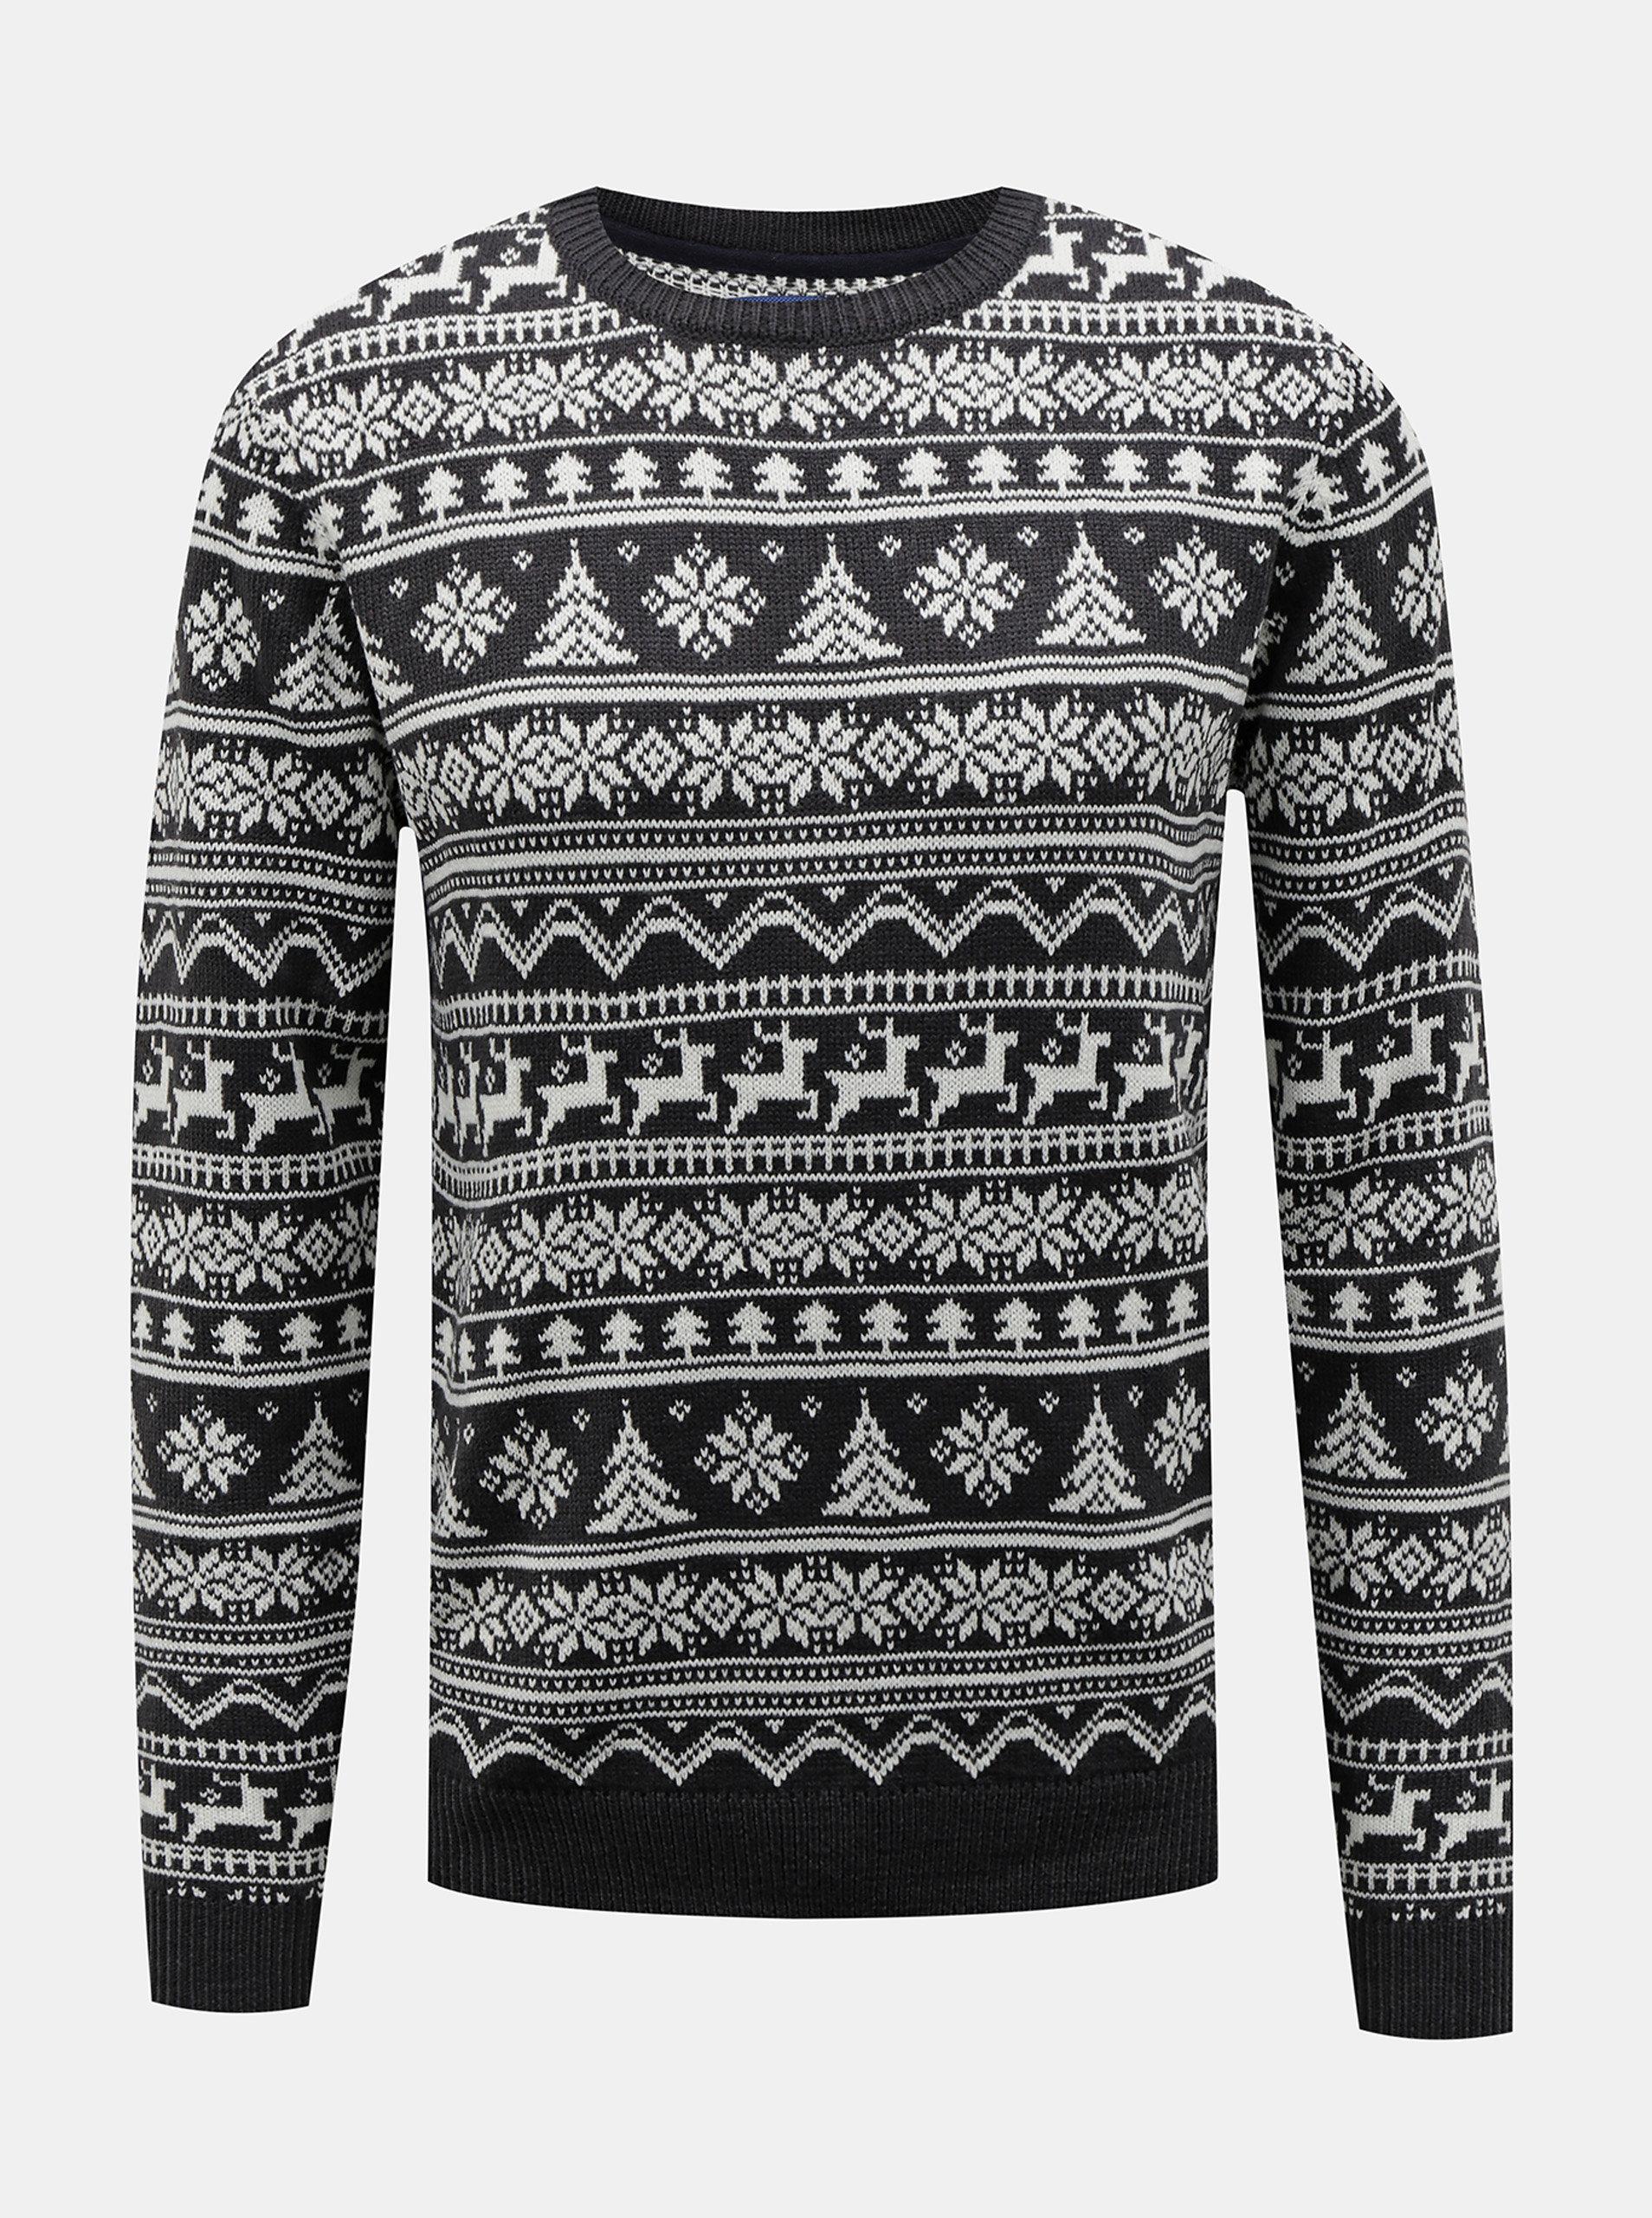 Tmavě šedý svetr s vánočním vzorem Blend